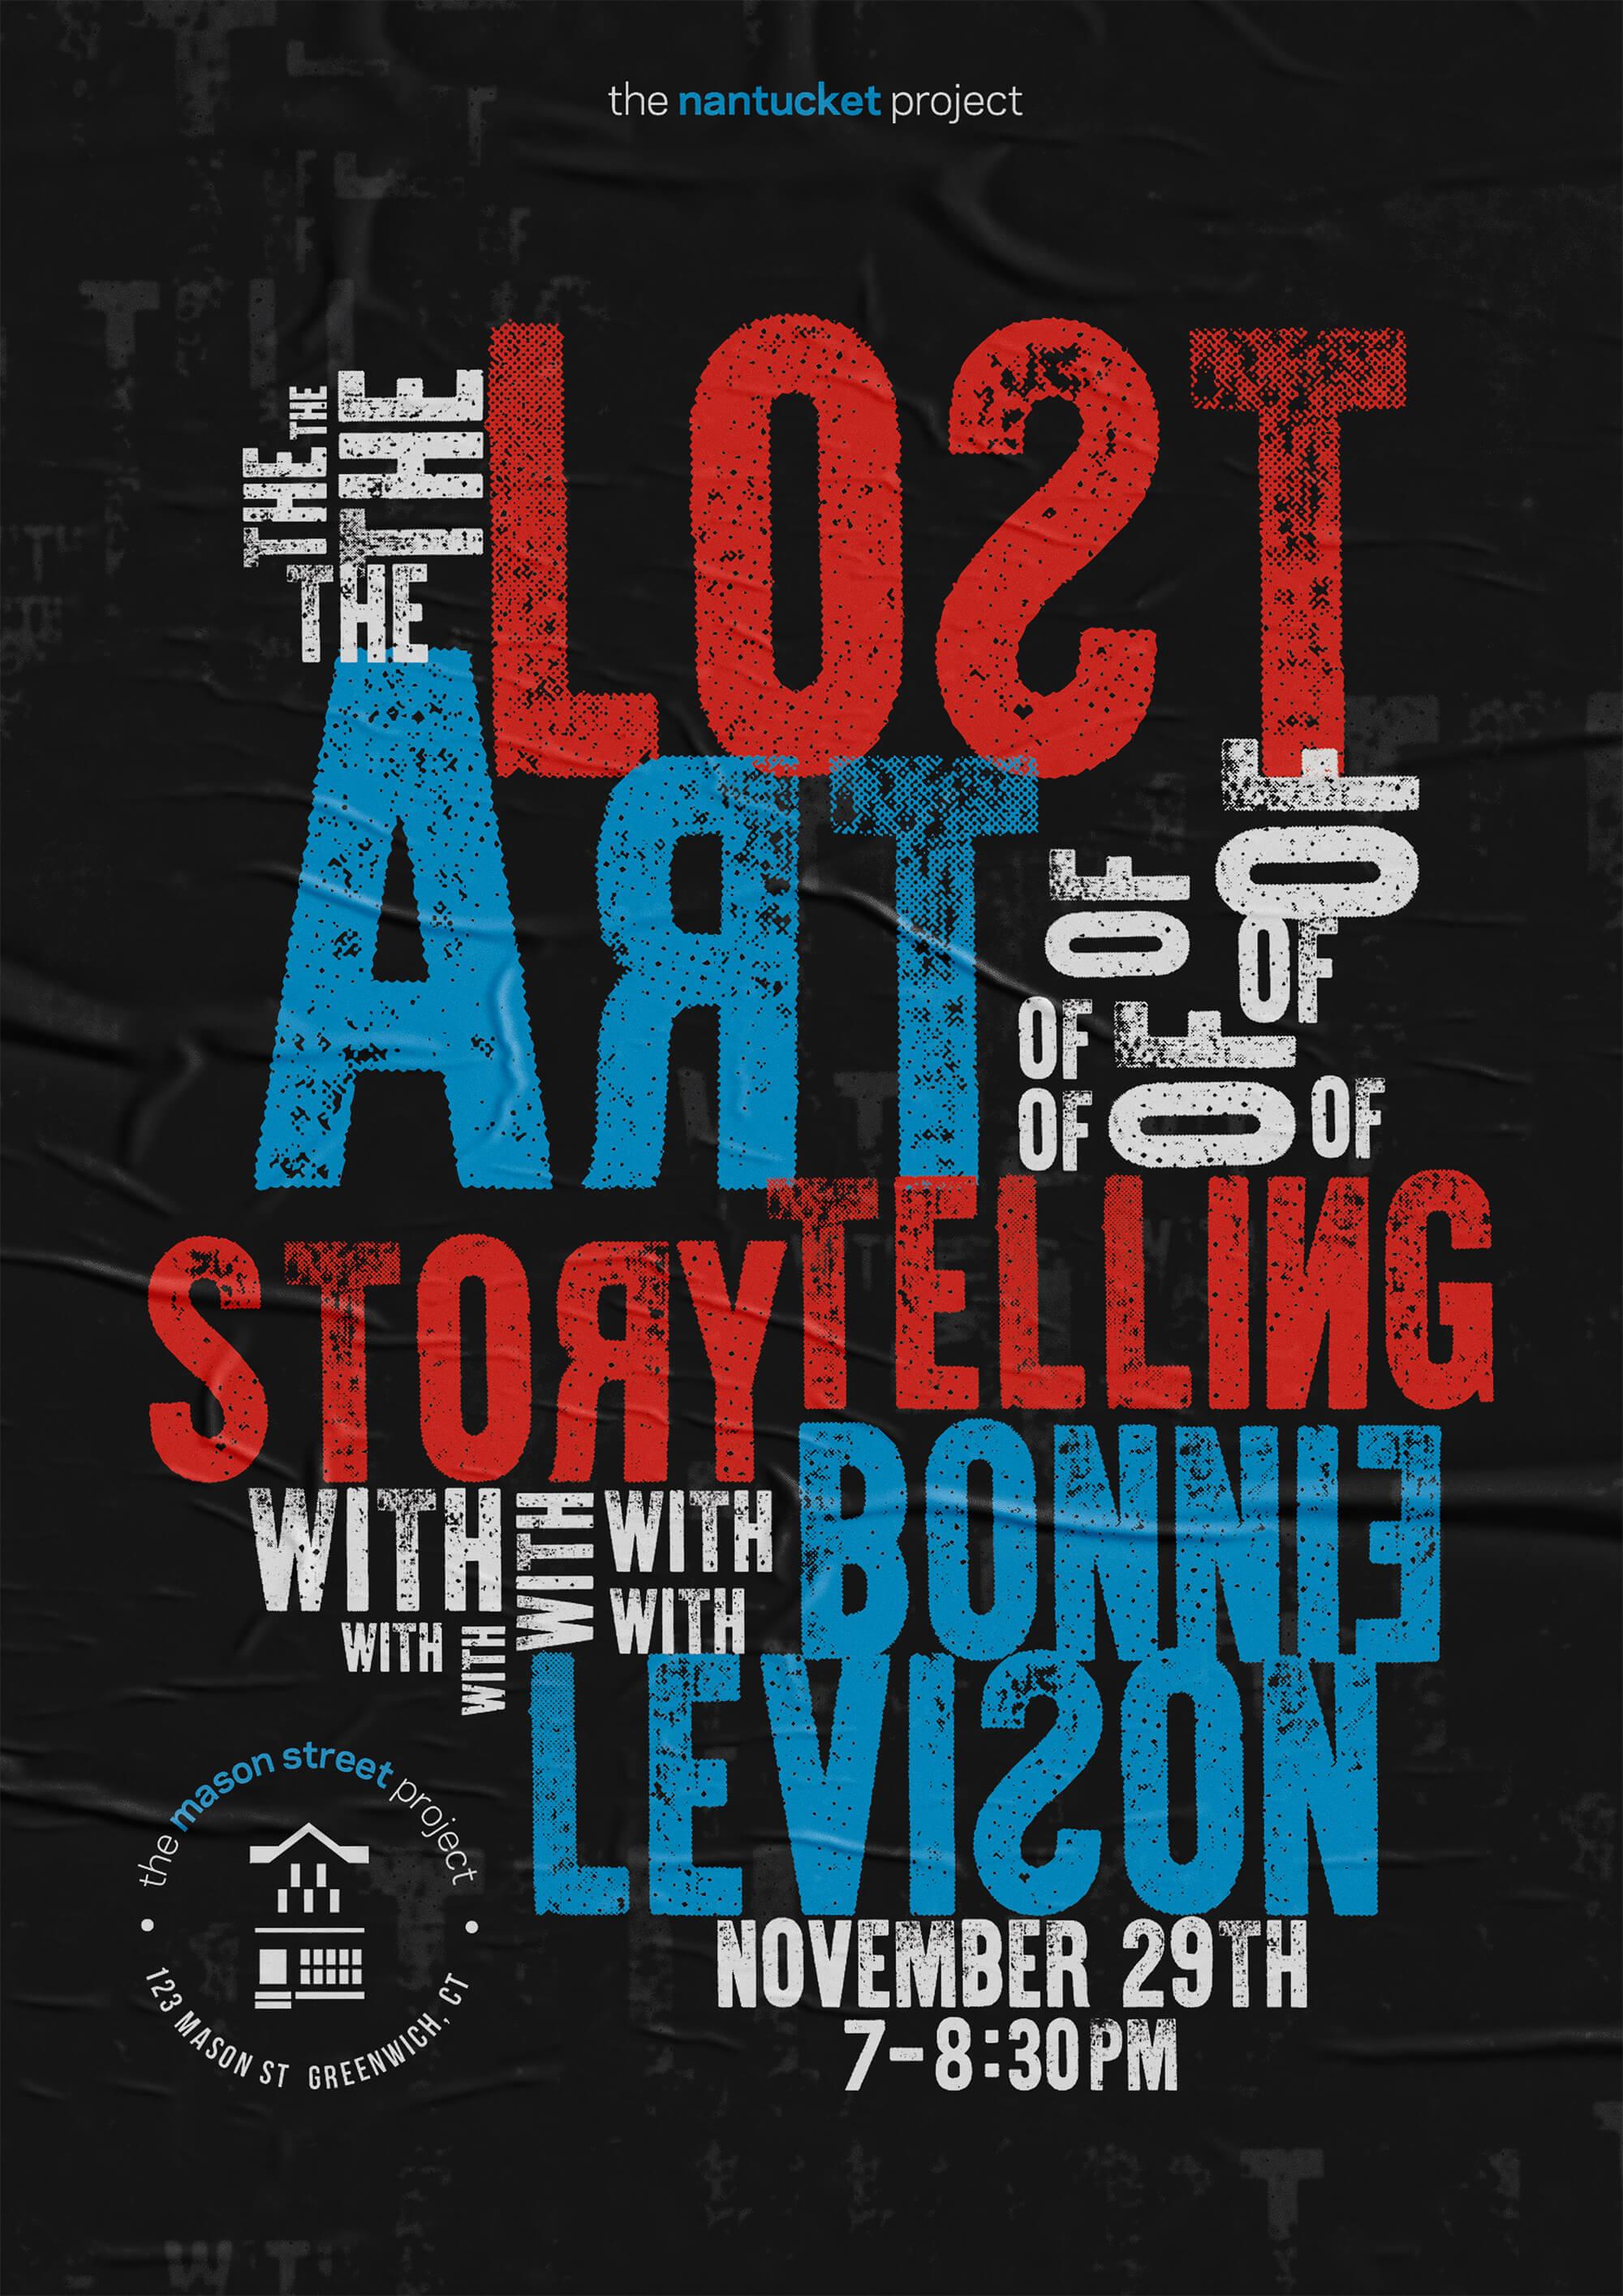 storytellingtexture1 copy